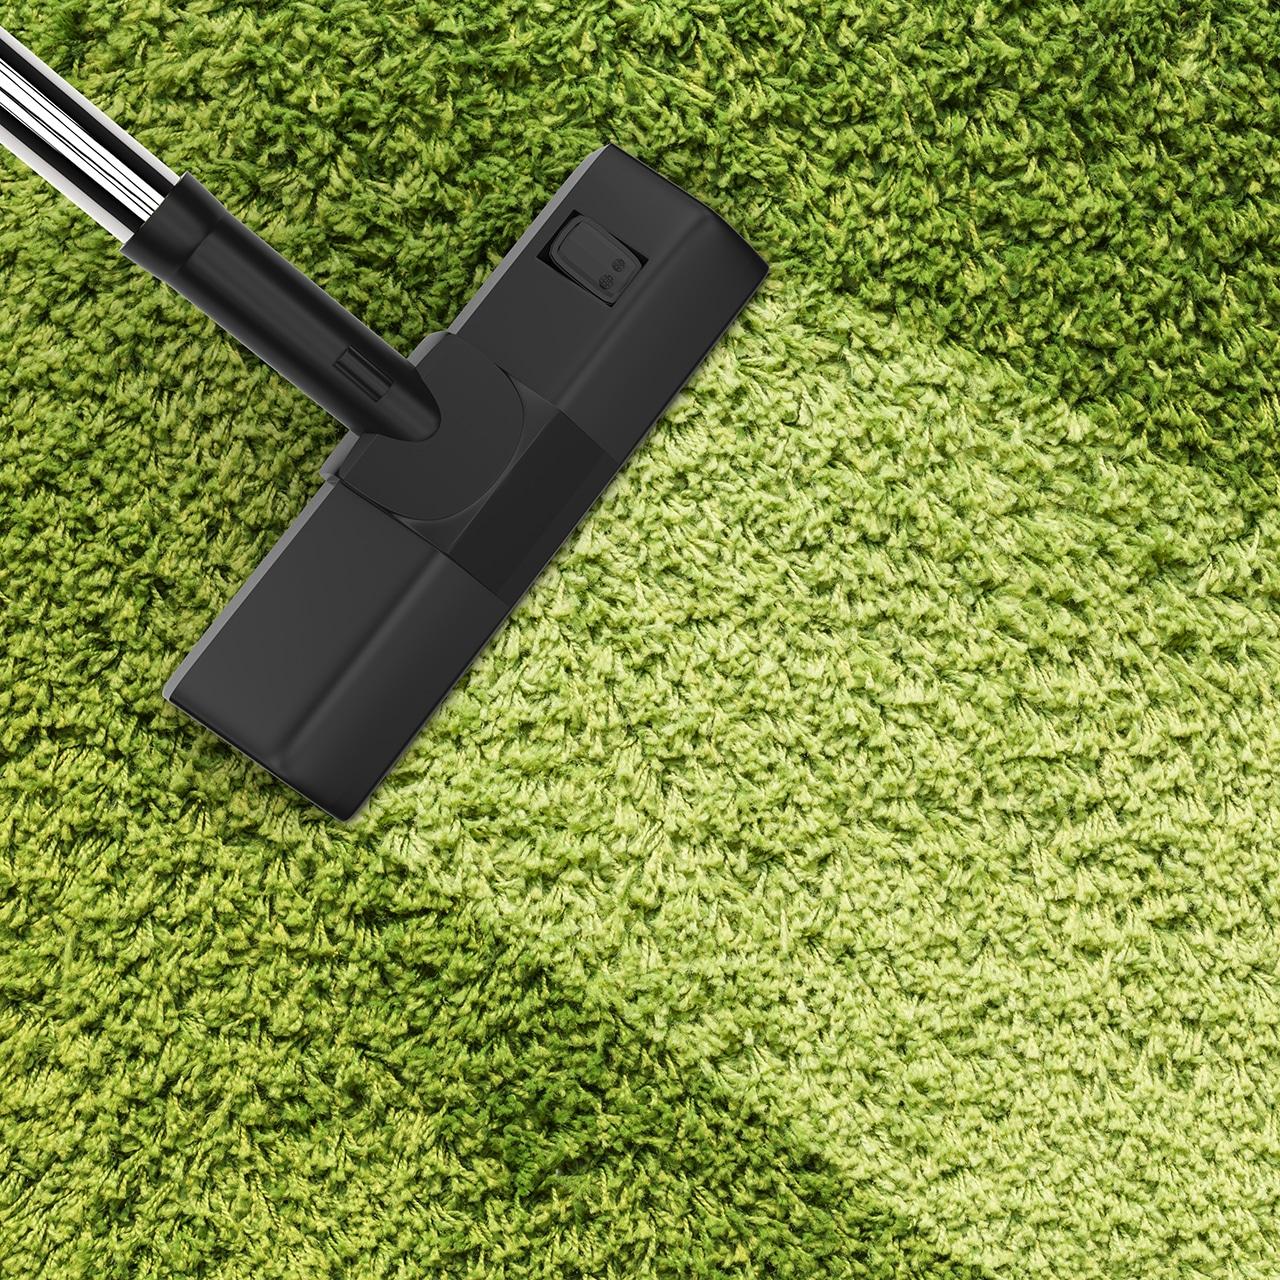 Professional Carpet Cleaning Irvine CA